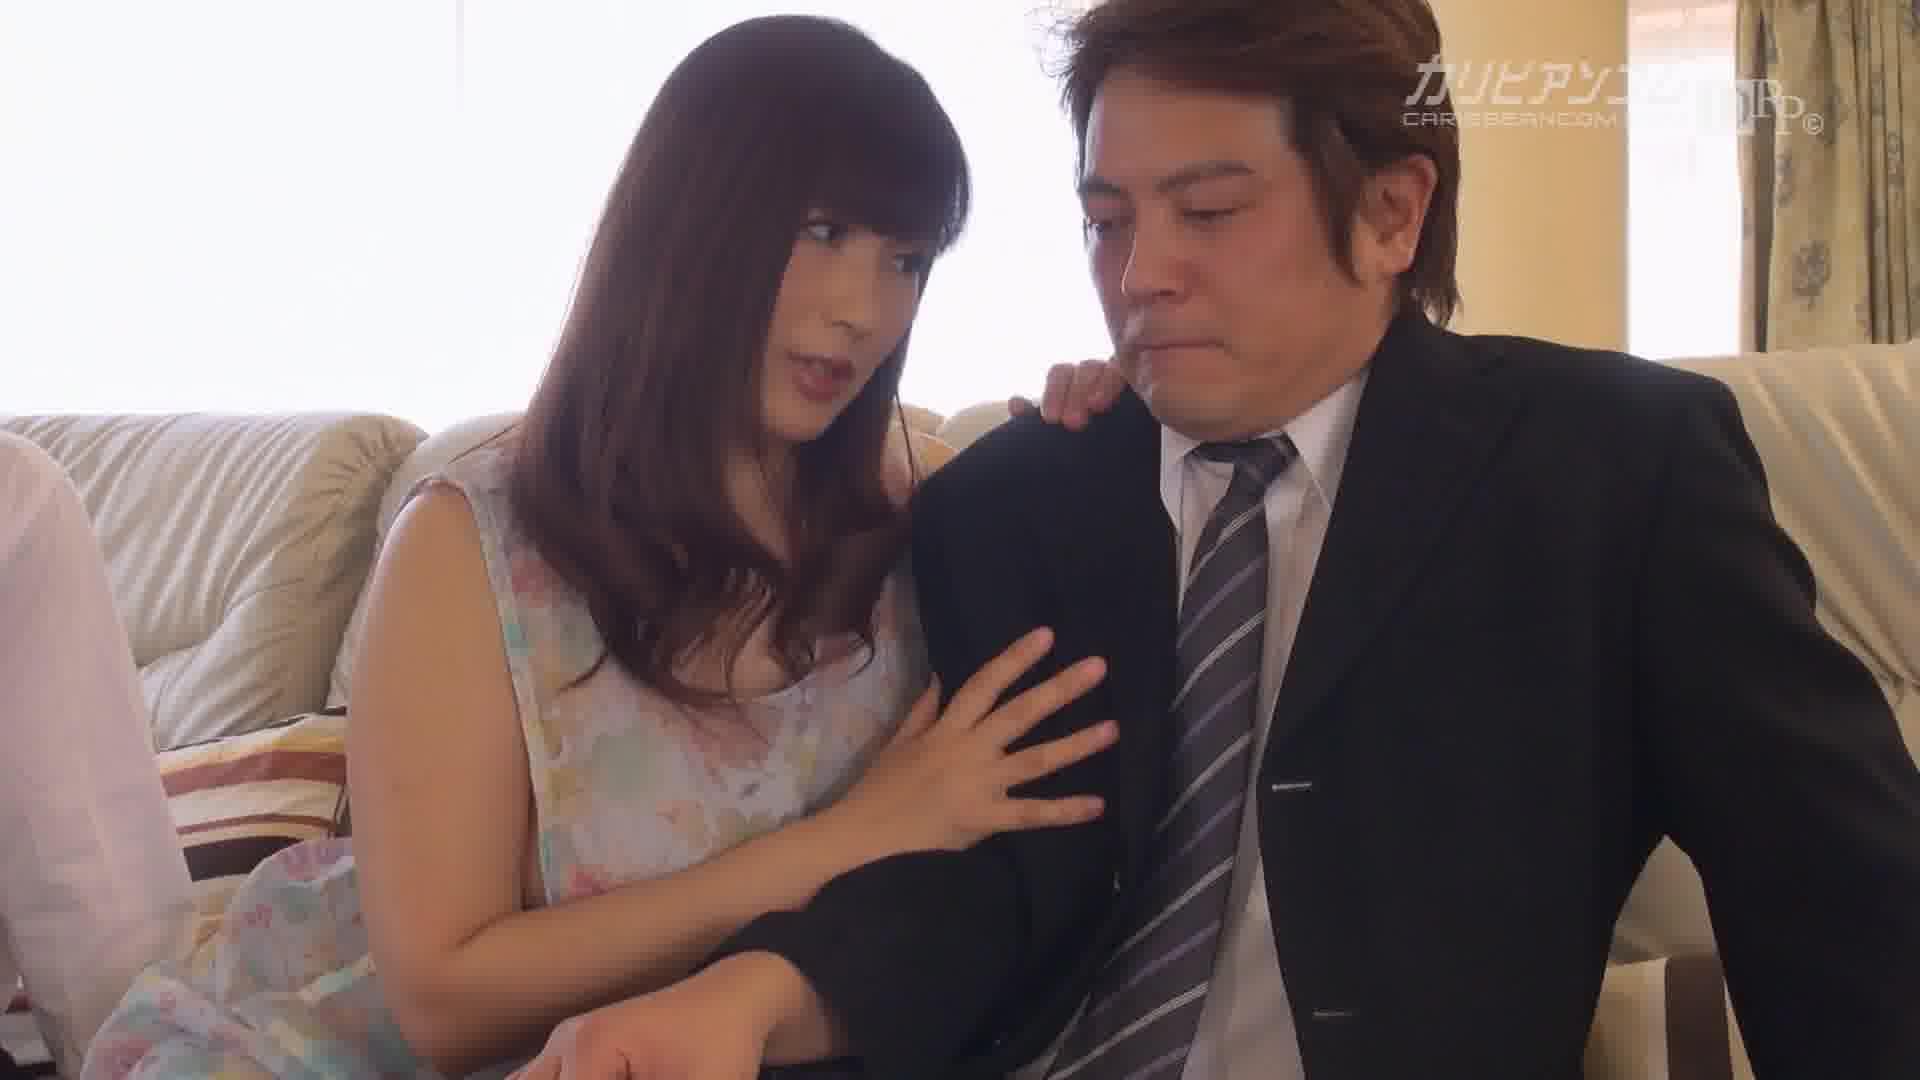 禁じられた関係15 - 志村玲子【痴女・巨乳・初裏】